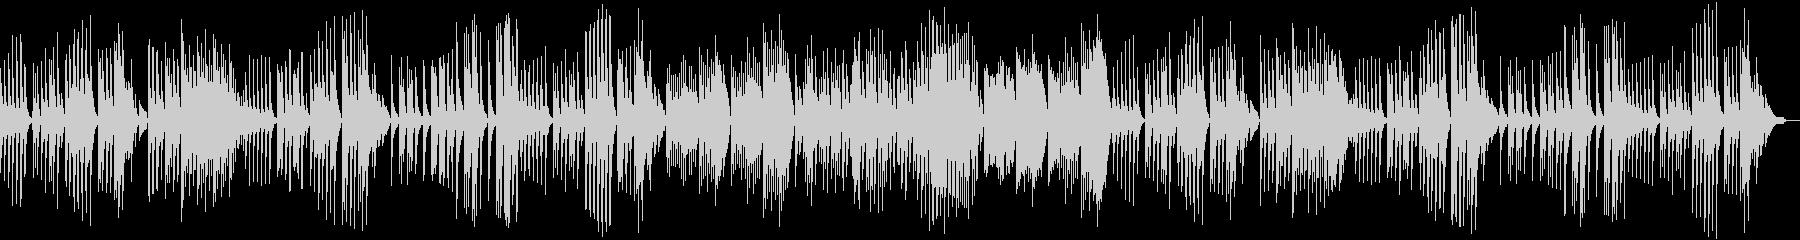 ガヴォット/グリーグ【しっとりピアノ版】の未再生の波形